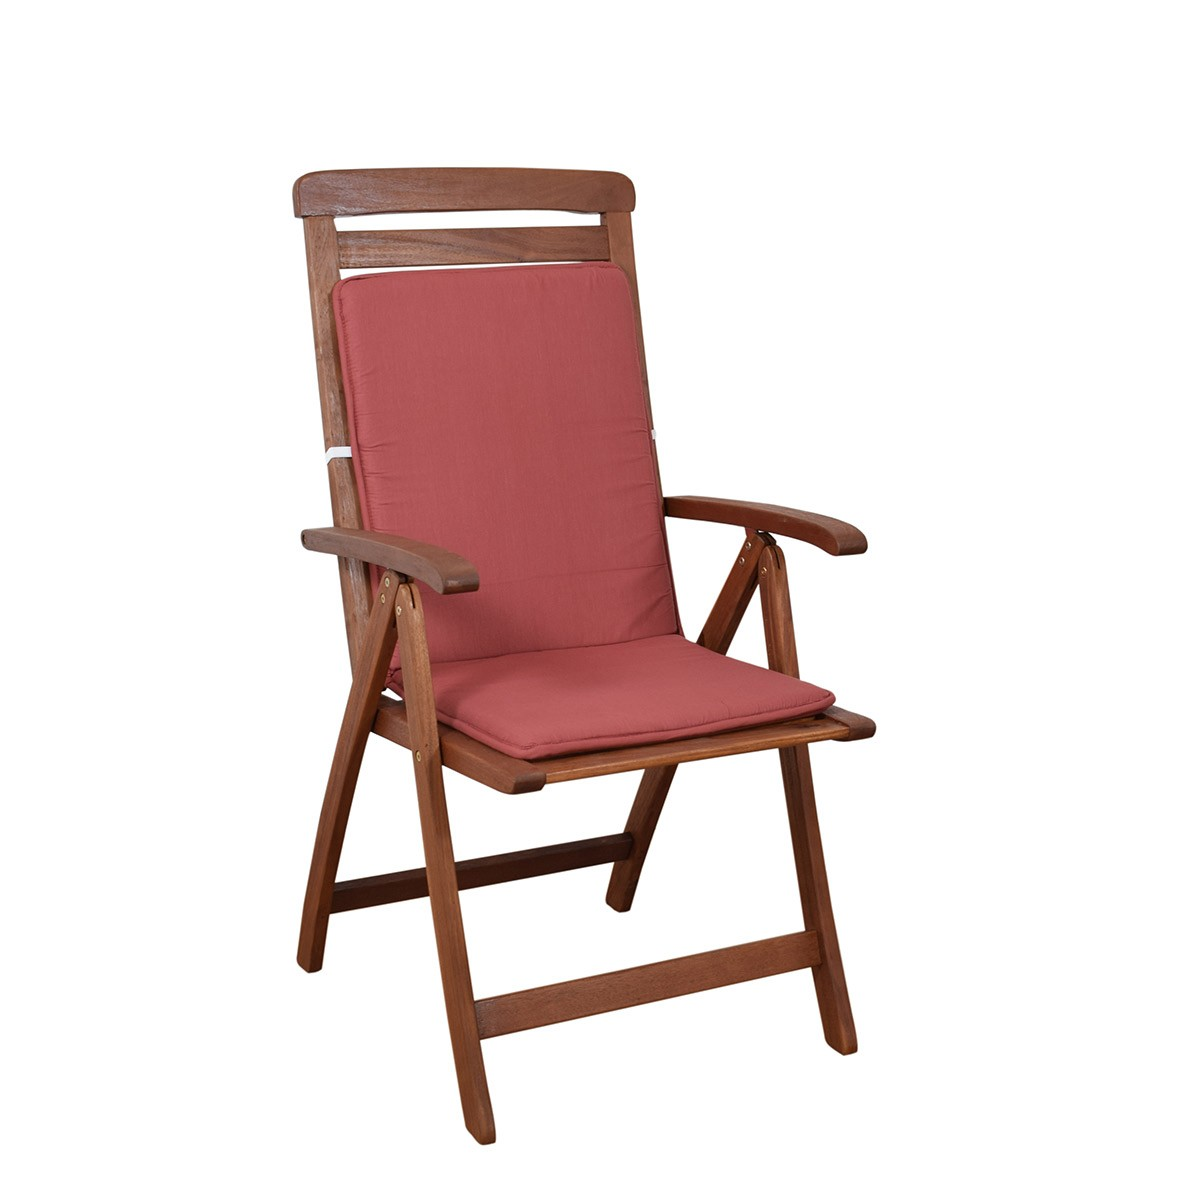 Μαξιλάρι Καρέκλας Πλάτη/Ρέλι Fratoni Solid Terracota